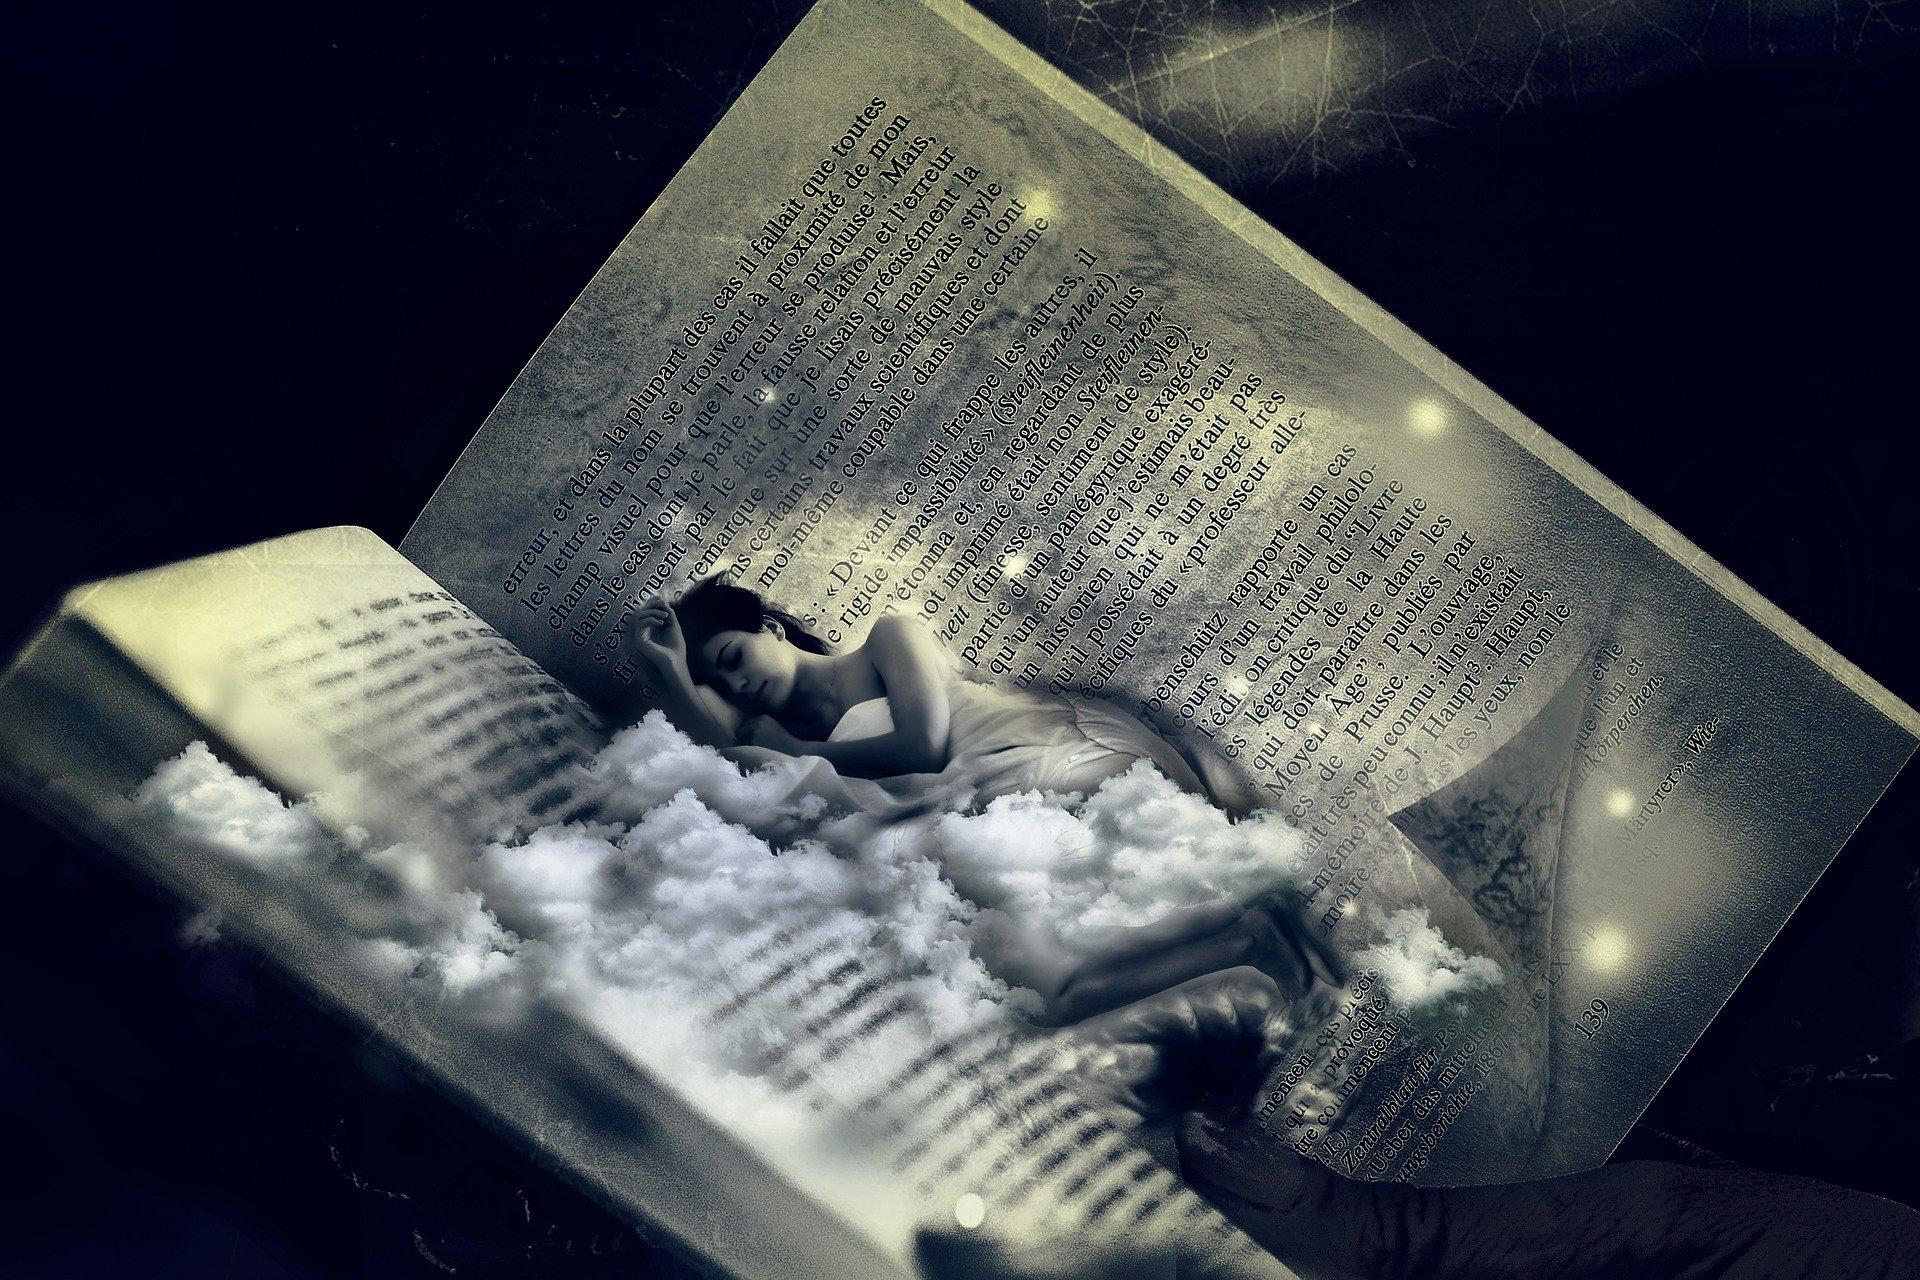 Psychologische Traumdeutung: Eine Fotomontage zeigt eine Frau, die in einem aufgeschlagenen Buch schläft.